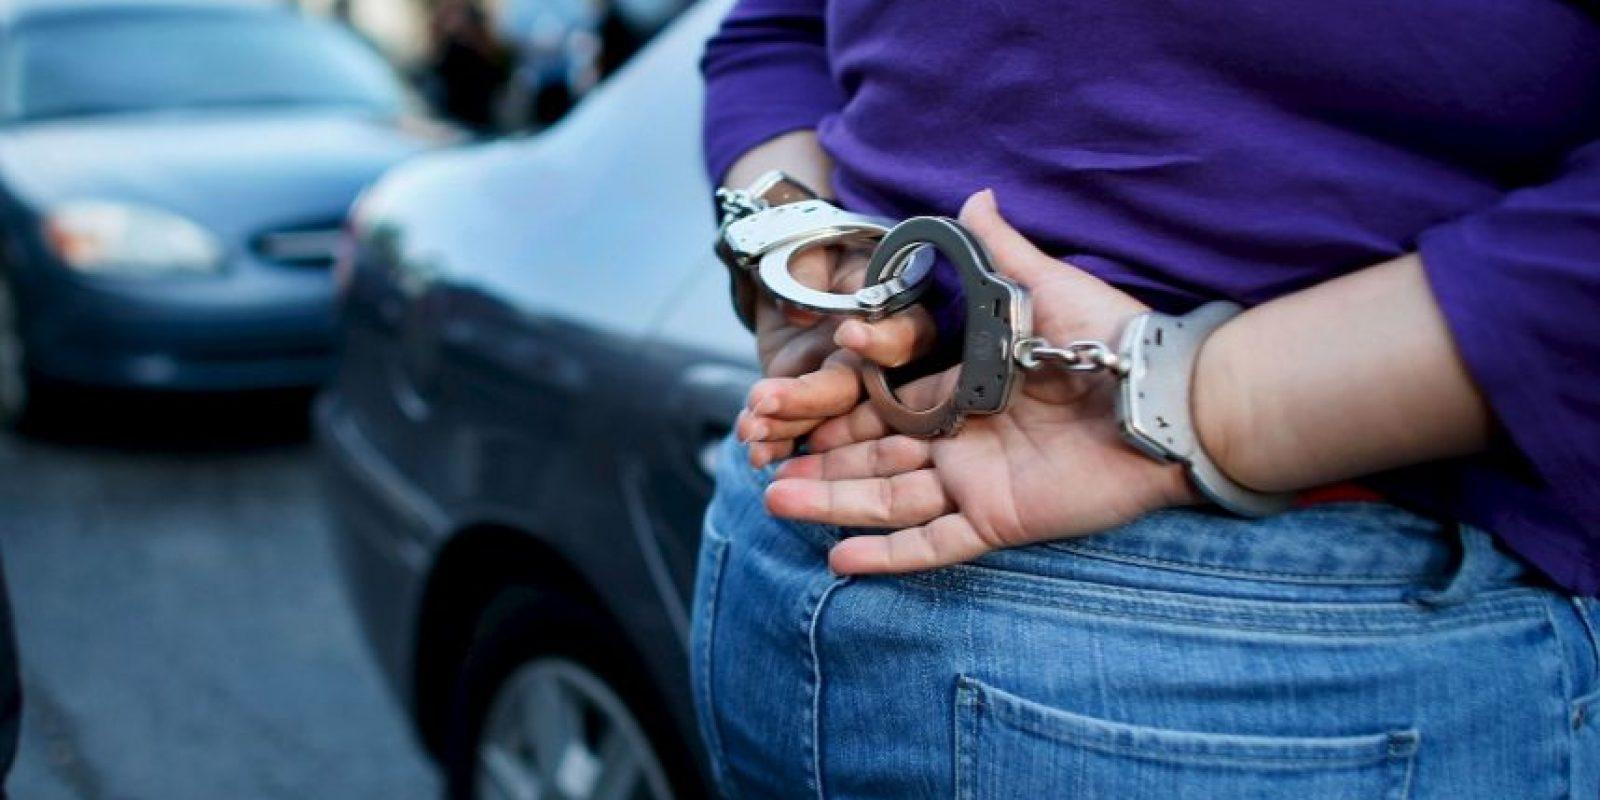 Mujer que causó la muerte de un hombre suplica no ser enviada a la cárcel por su obesidad. Foto:Getty Images